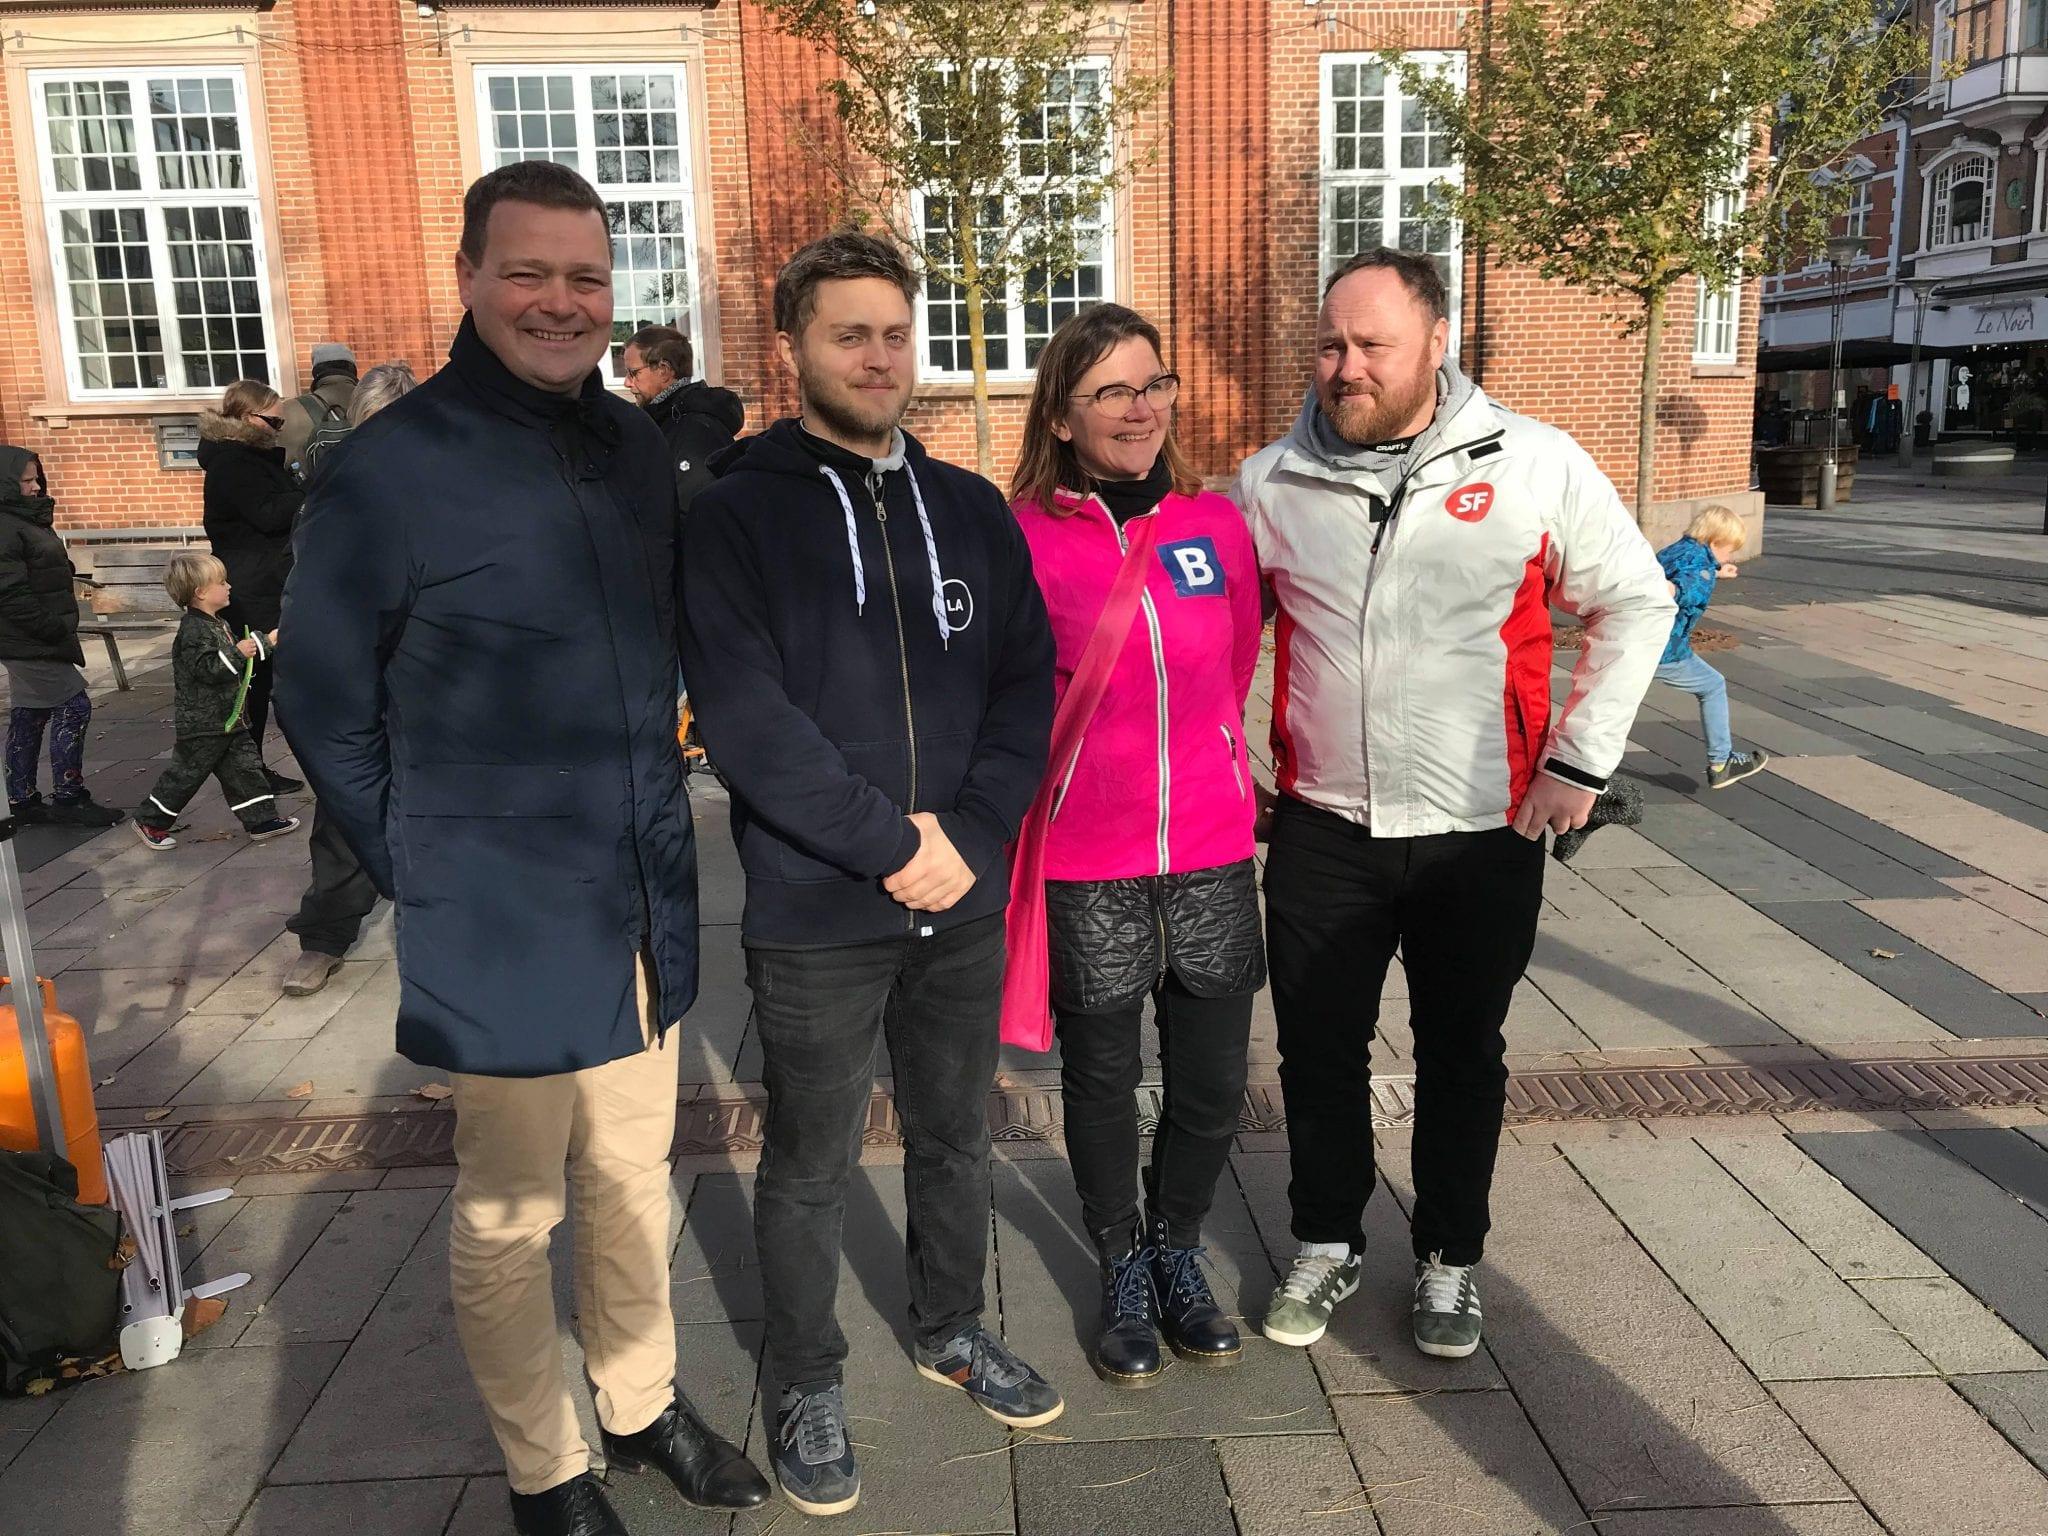 1 tidligere byrådskandidat og 3 folketingskandidater til Politisk Samarbejde Fredericias arrangement (Foto: Politisk Samarbejde Fredericia)